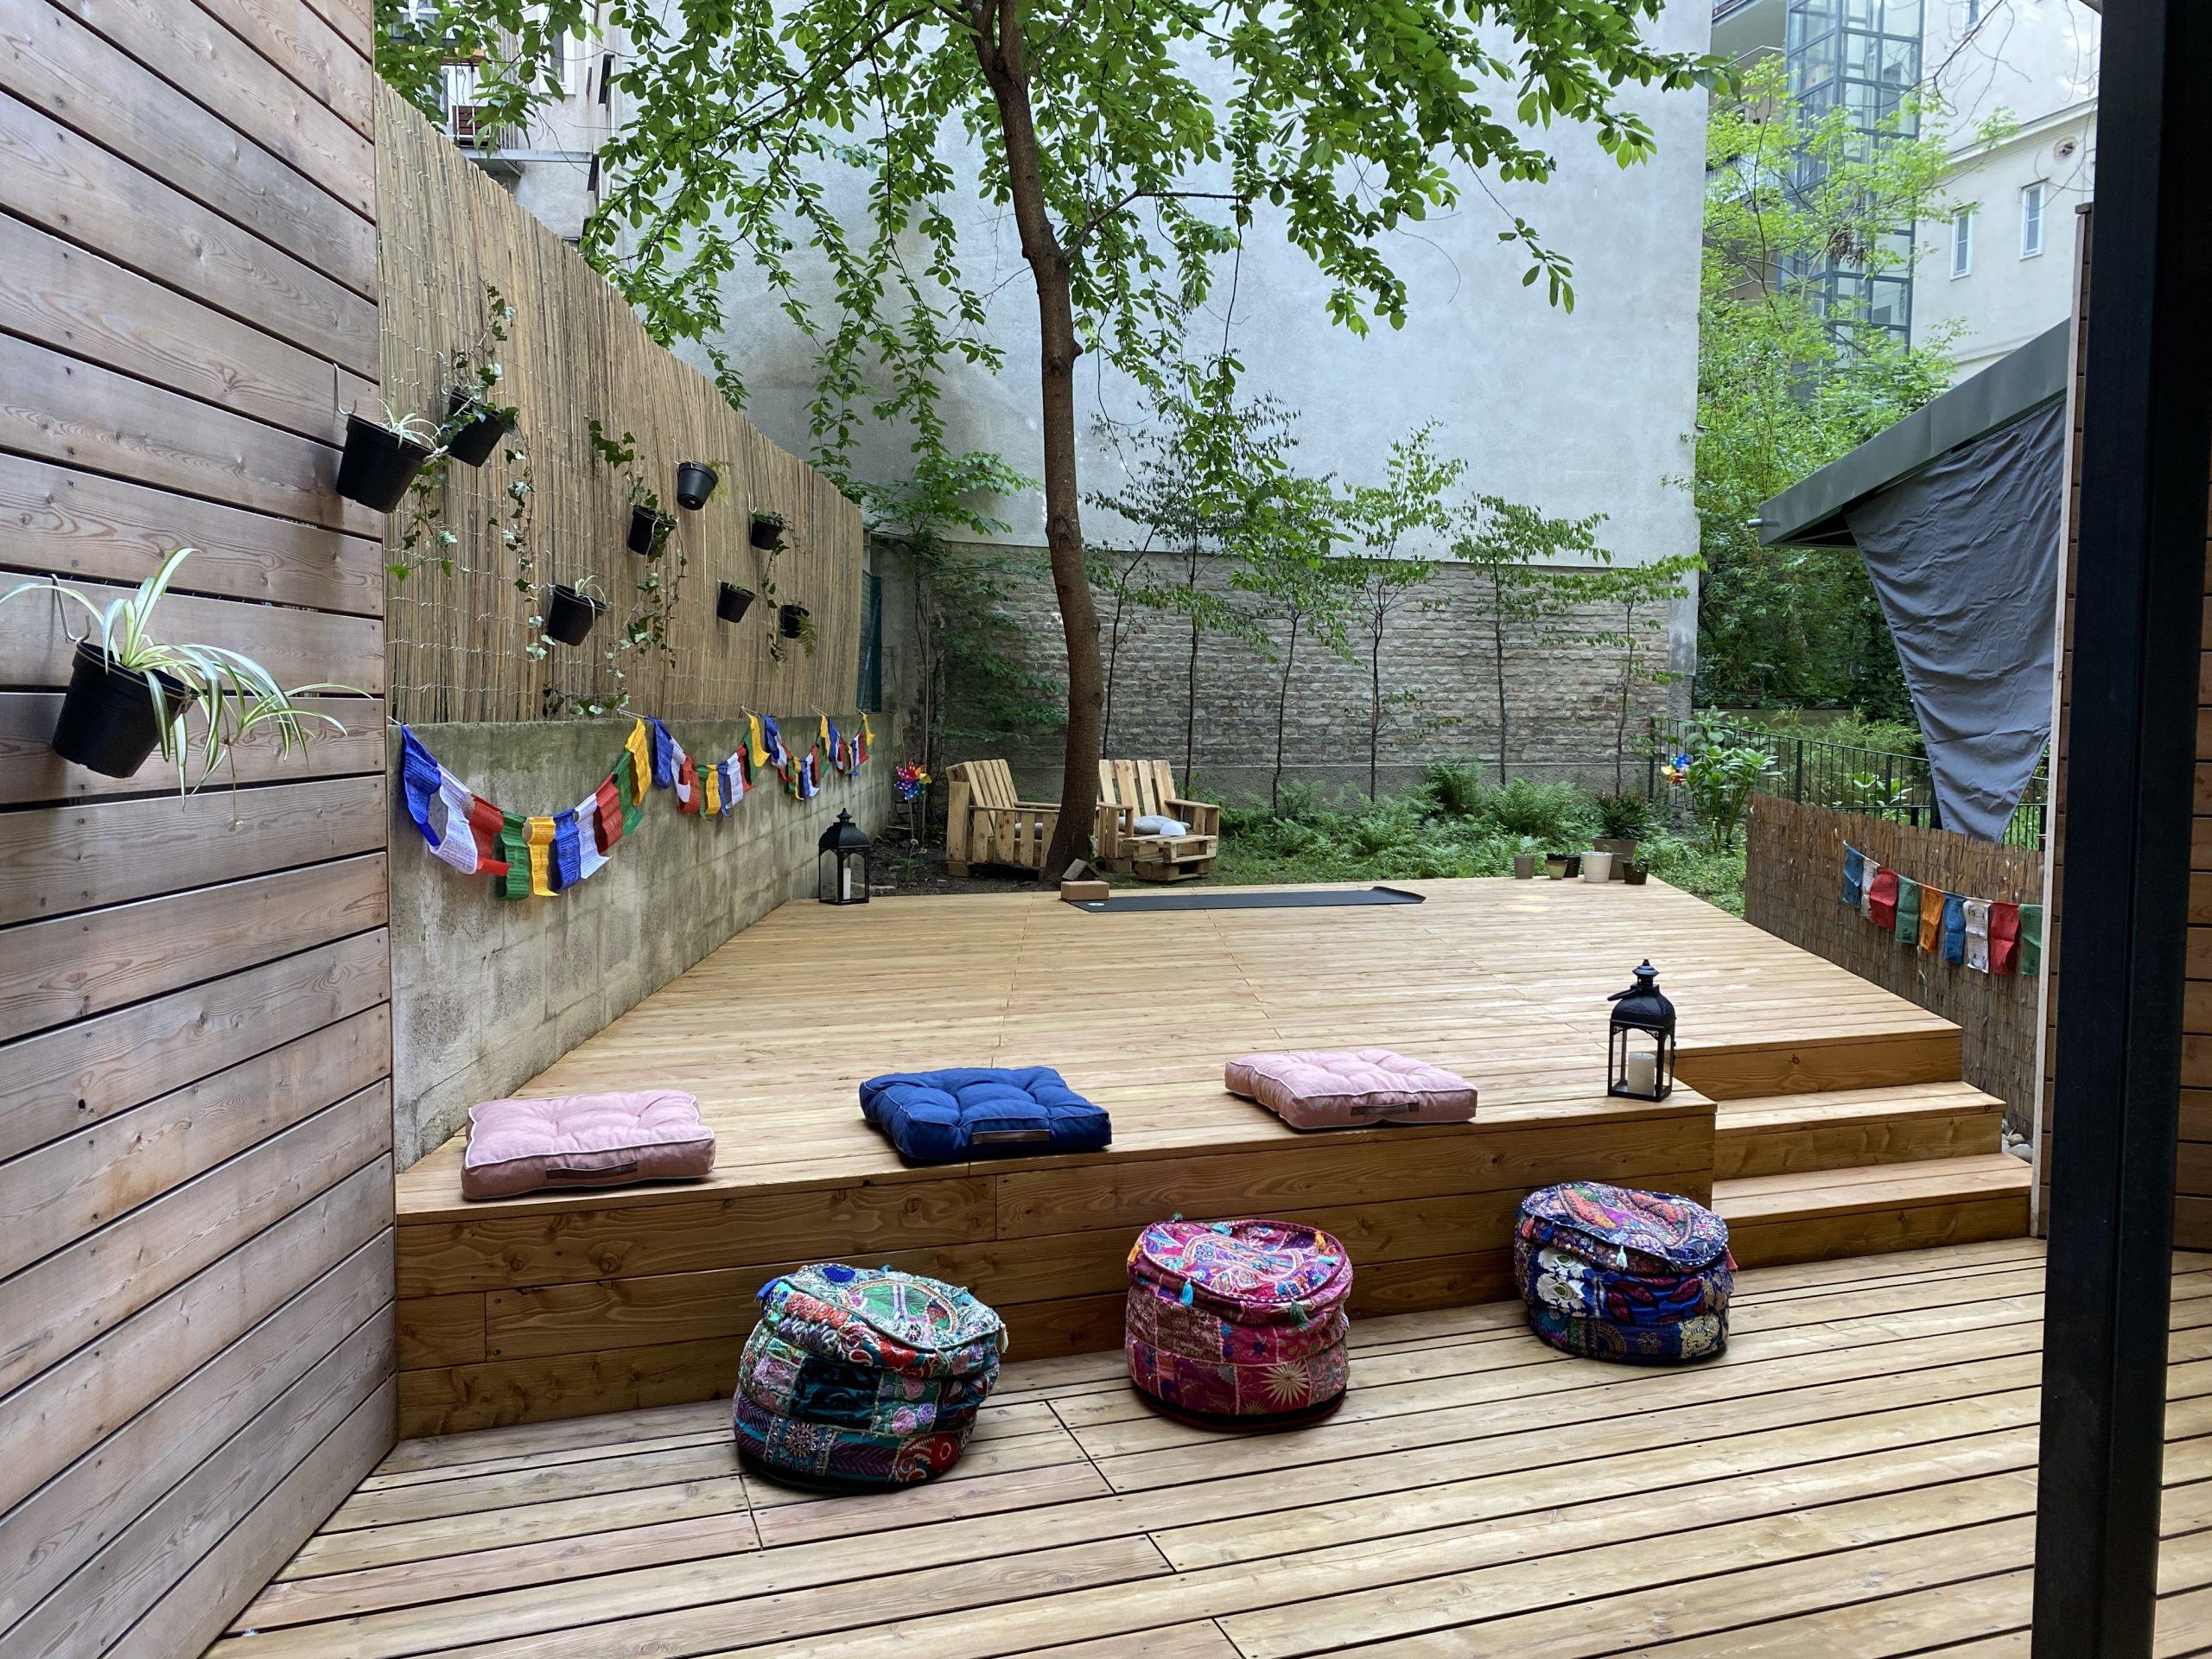 Yogadeck im Garten der Yogaria mit bunten Sitzkissen, 2 Laternen, Nepalfahnen an den Mauern, am Ende des Yogadecks sieht man eine Yogamatte und dahinter noch 2 Gartenmöbel aus Paletten gebaut, ein Blick ins Grüne